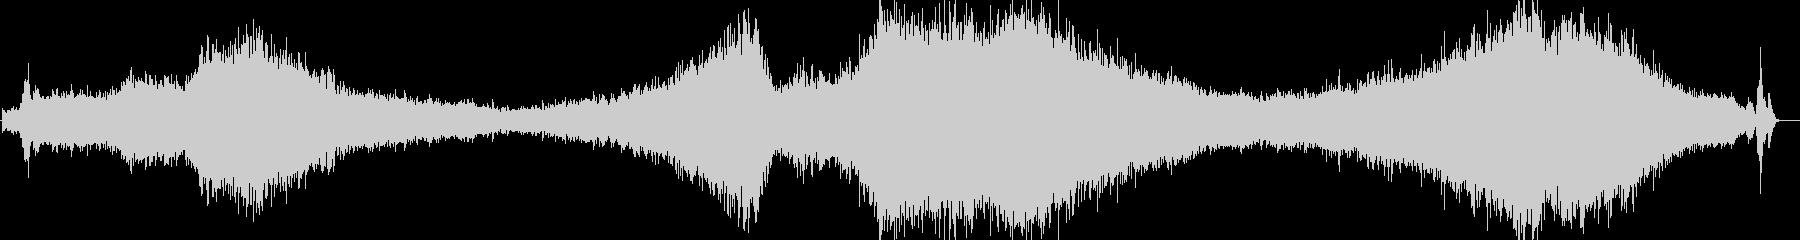 ファームスワーター/トラクター;フ...の未再生の波形